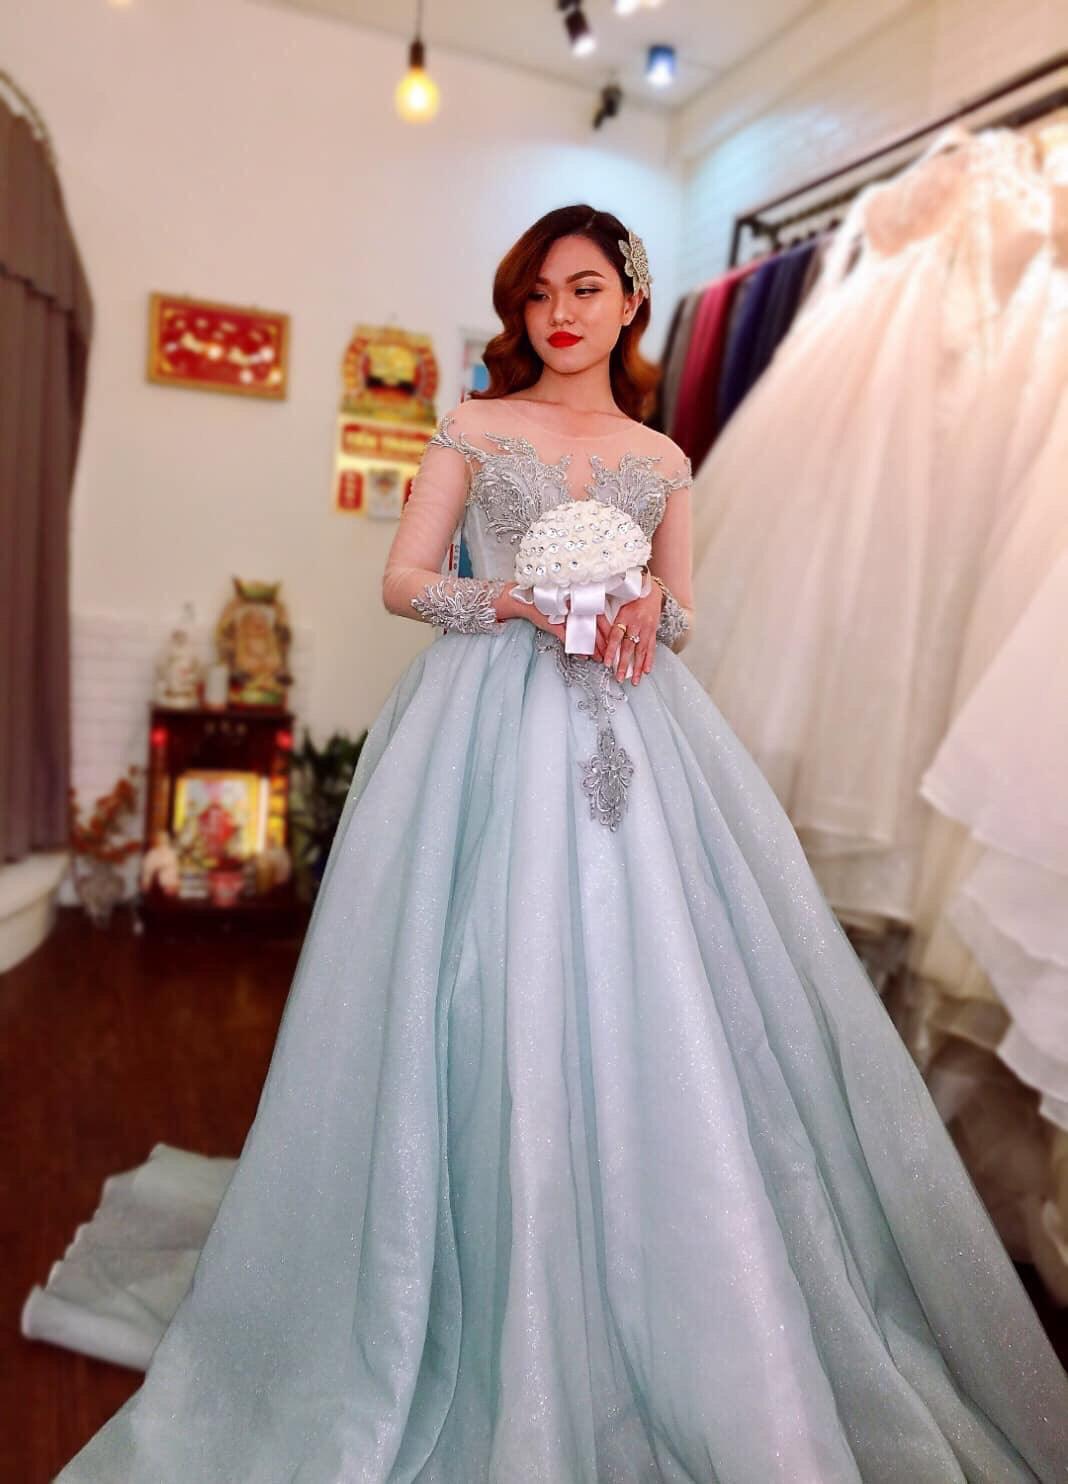 Váy cưới cổ điển quyến rủ